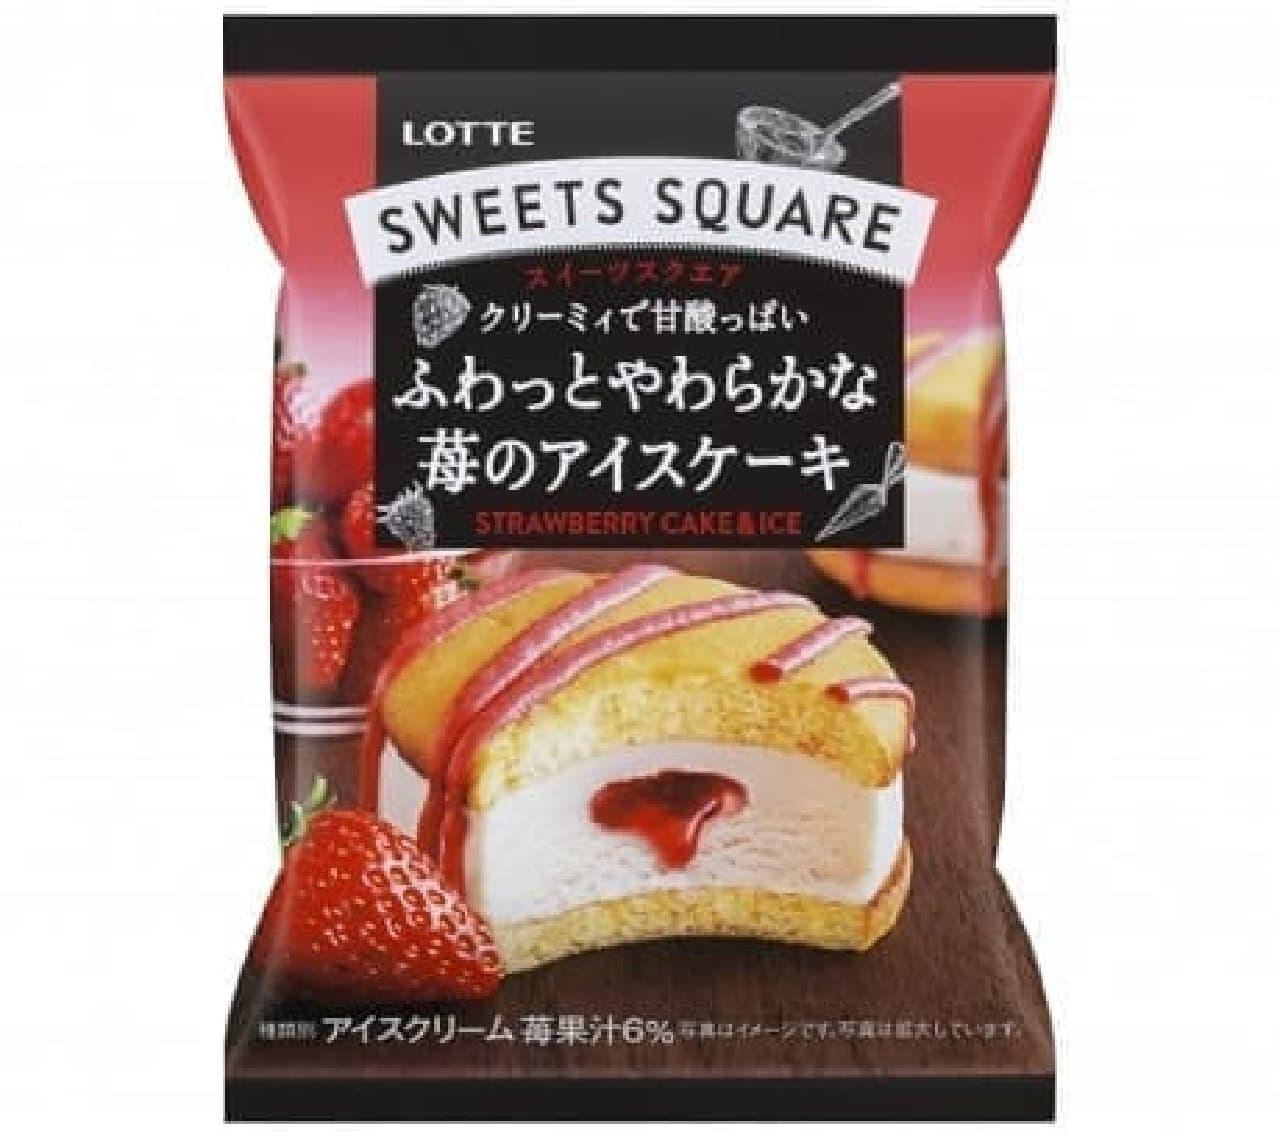 ロッテ「スイーツスクエア ふわっとやわらかな苺のアイスケーキ」